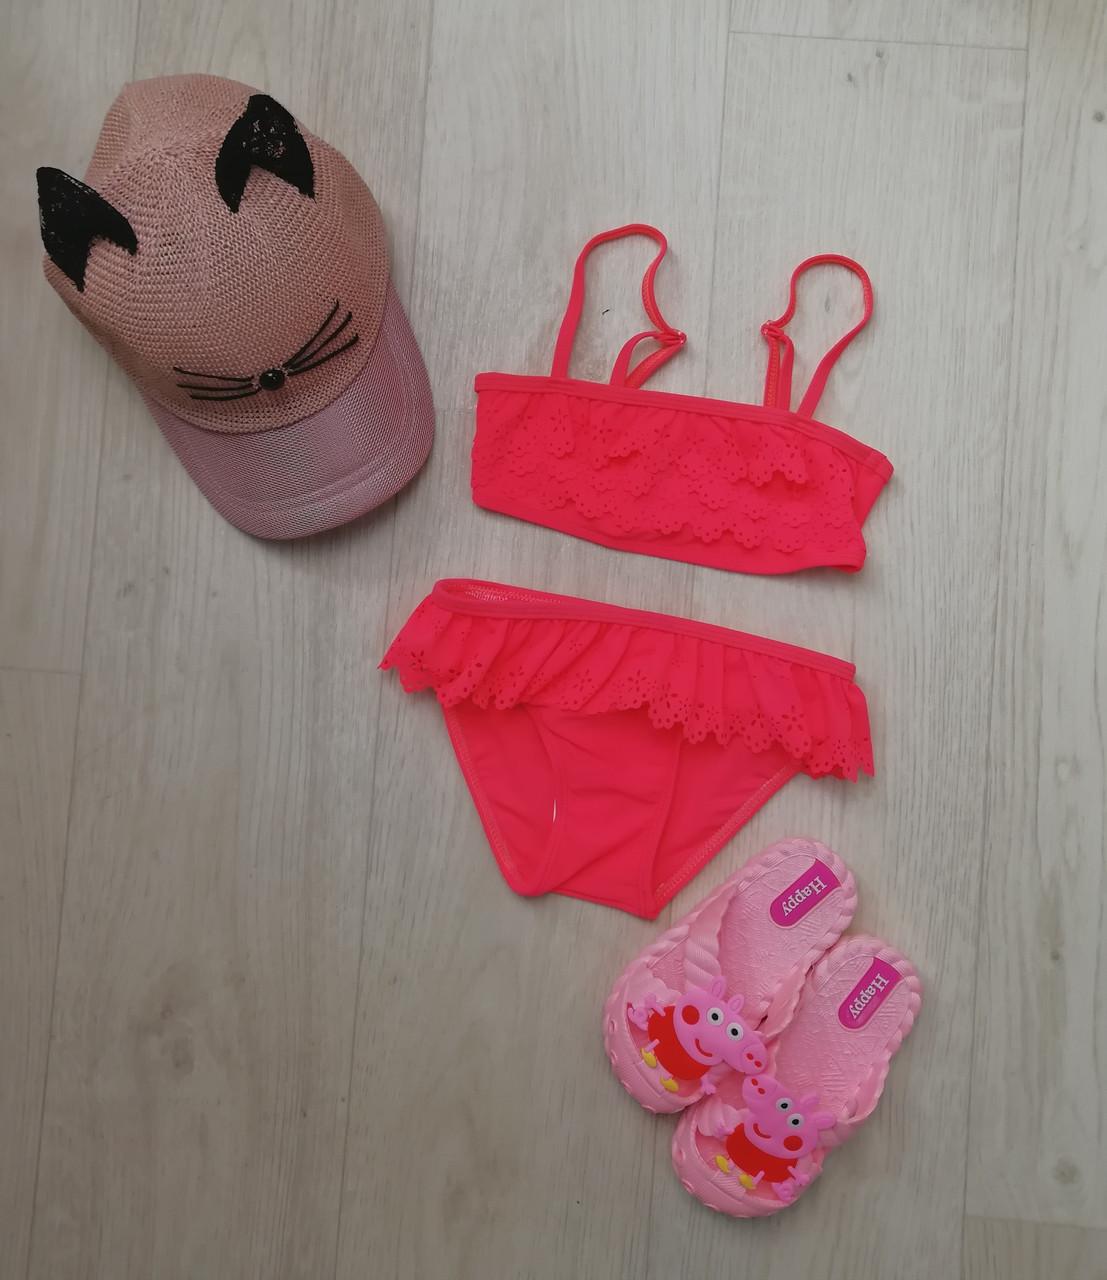 Купальник раздельный для девочки розовый -160-07